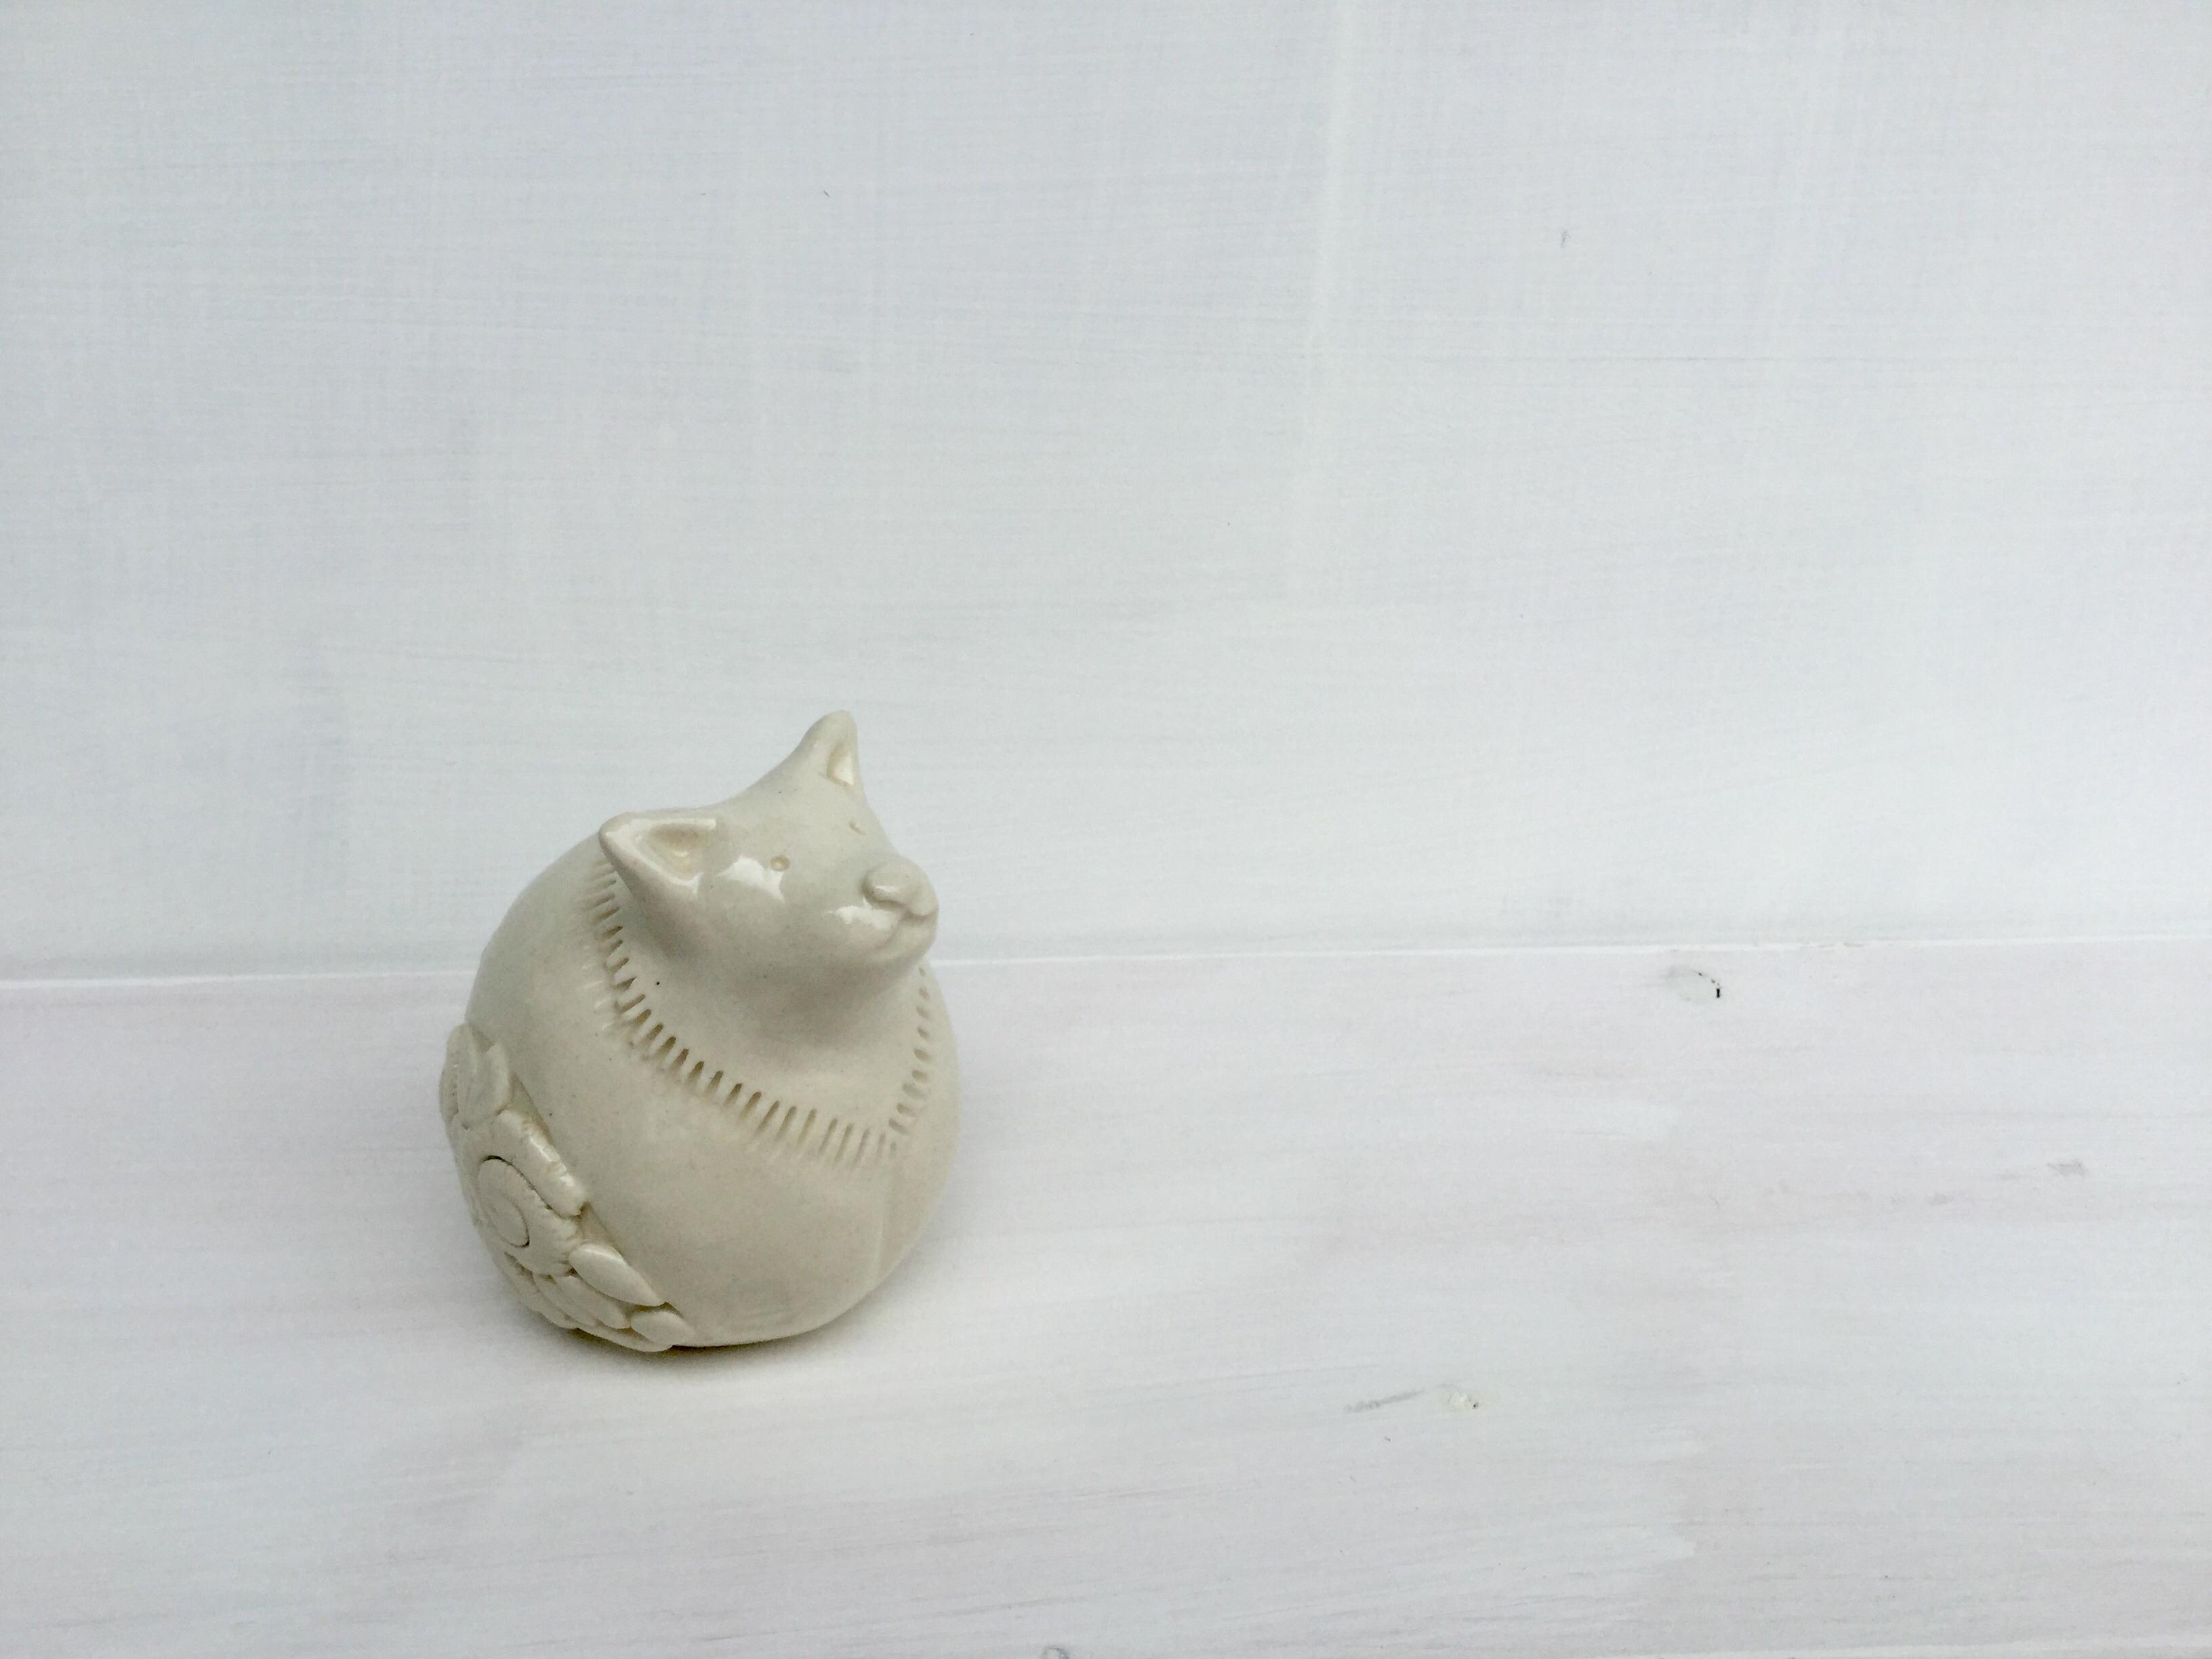 アトリエ陶喜への物語「私と陶芸が出会ったあの日」